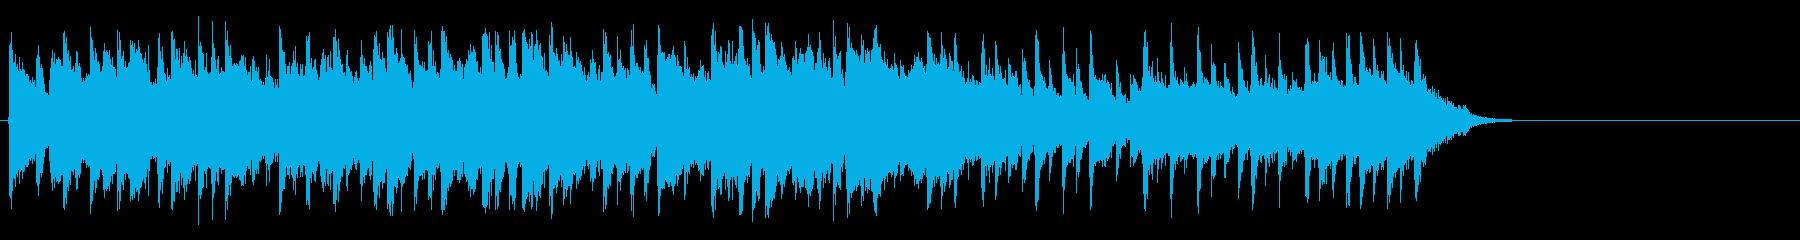 爽快に疾走するポップ(サビ~イントロ)の再生済みの波形